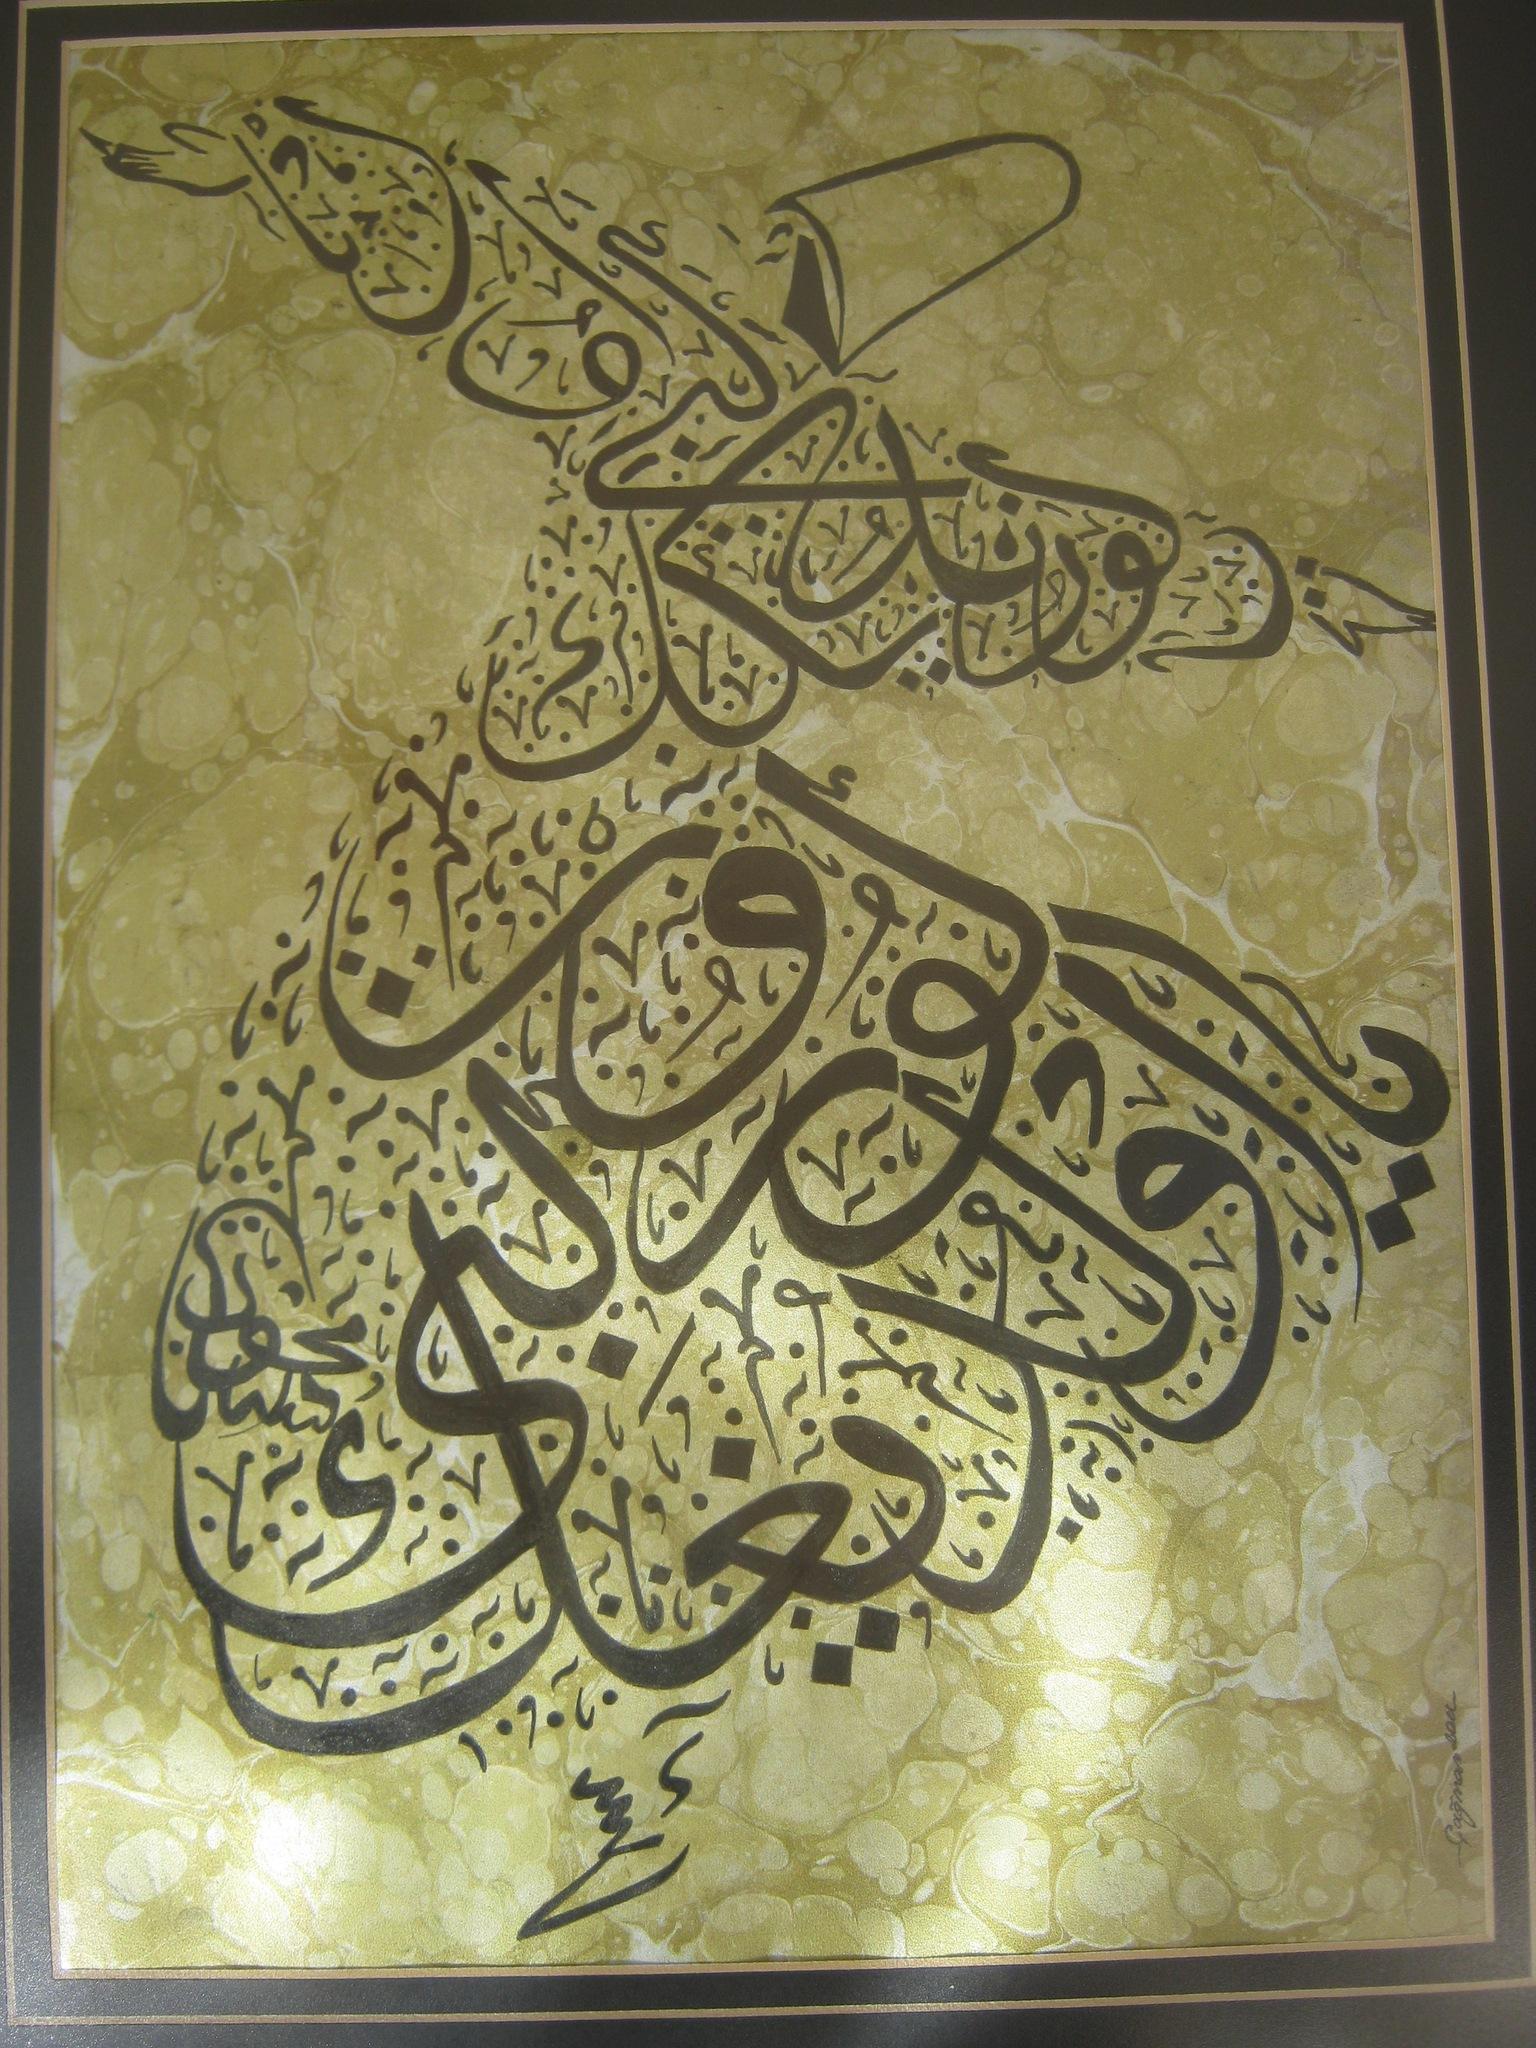 Рисунок танцующего дервиша составлен из фраз из Корана.